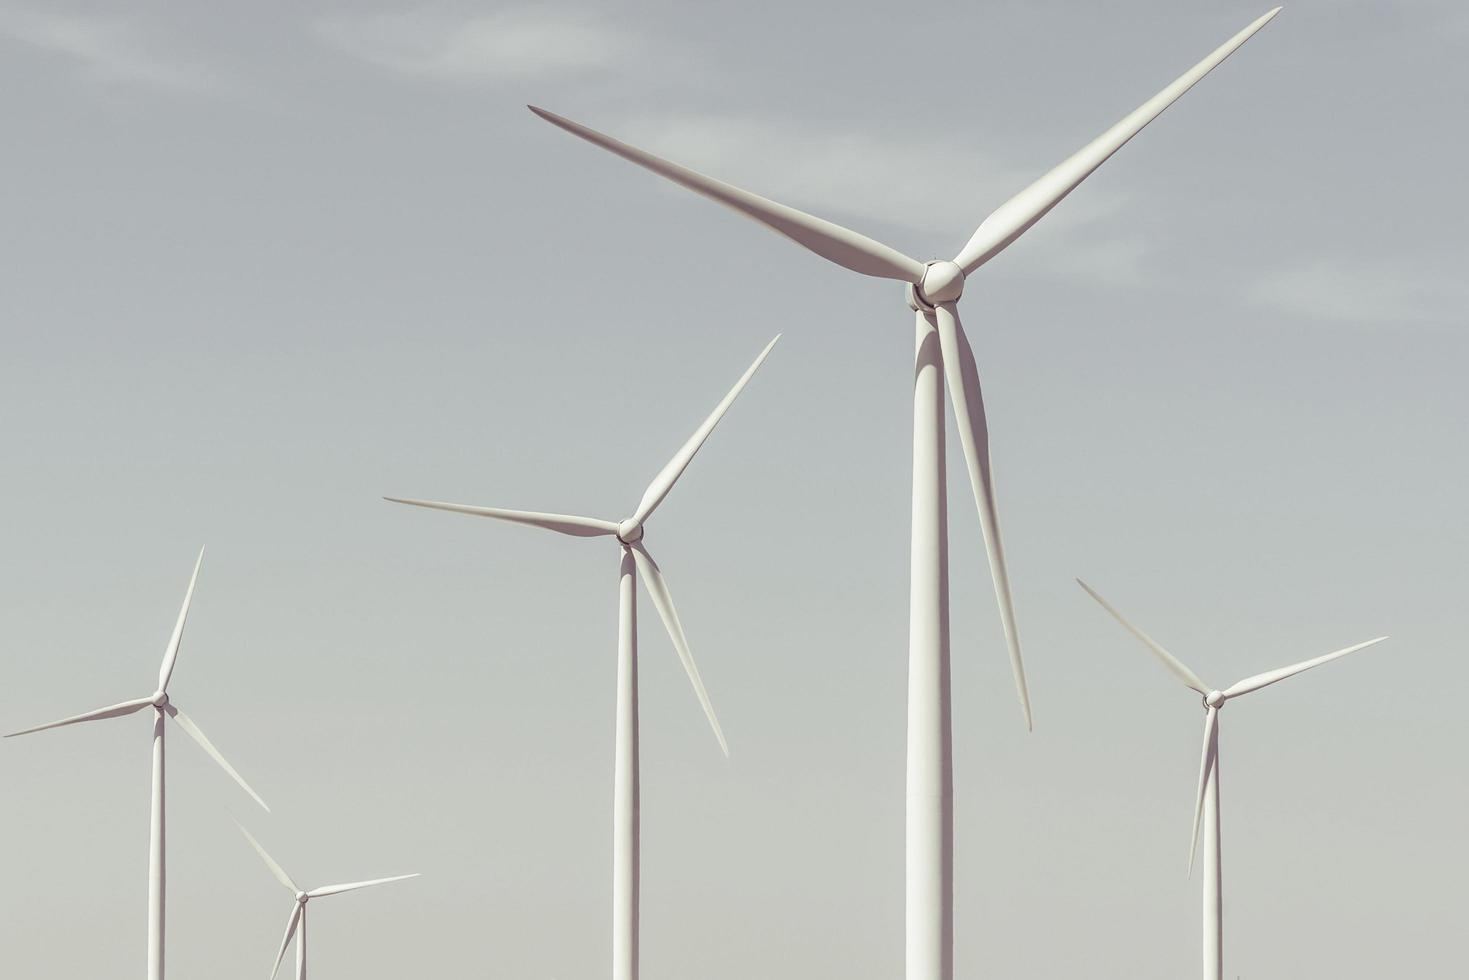 turbinas eólicas en un día de verano foto